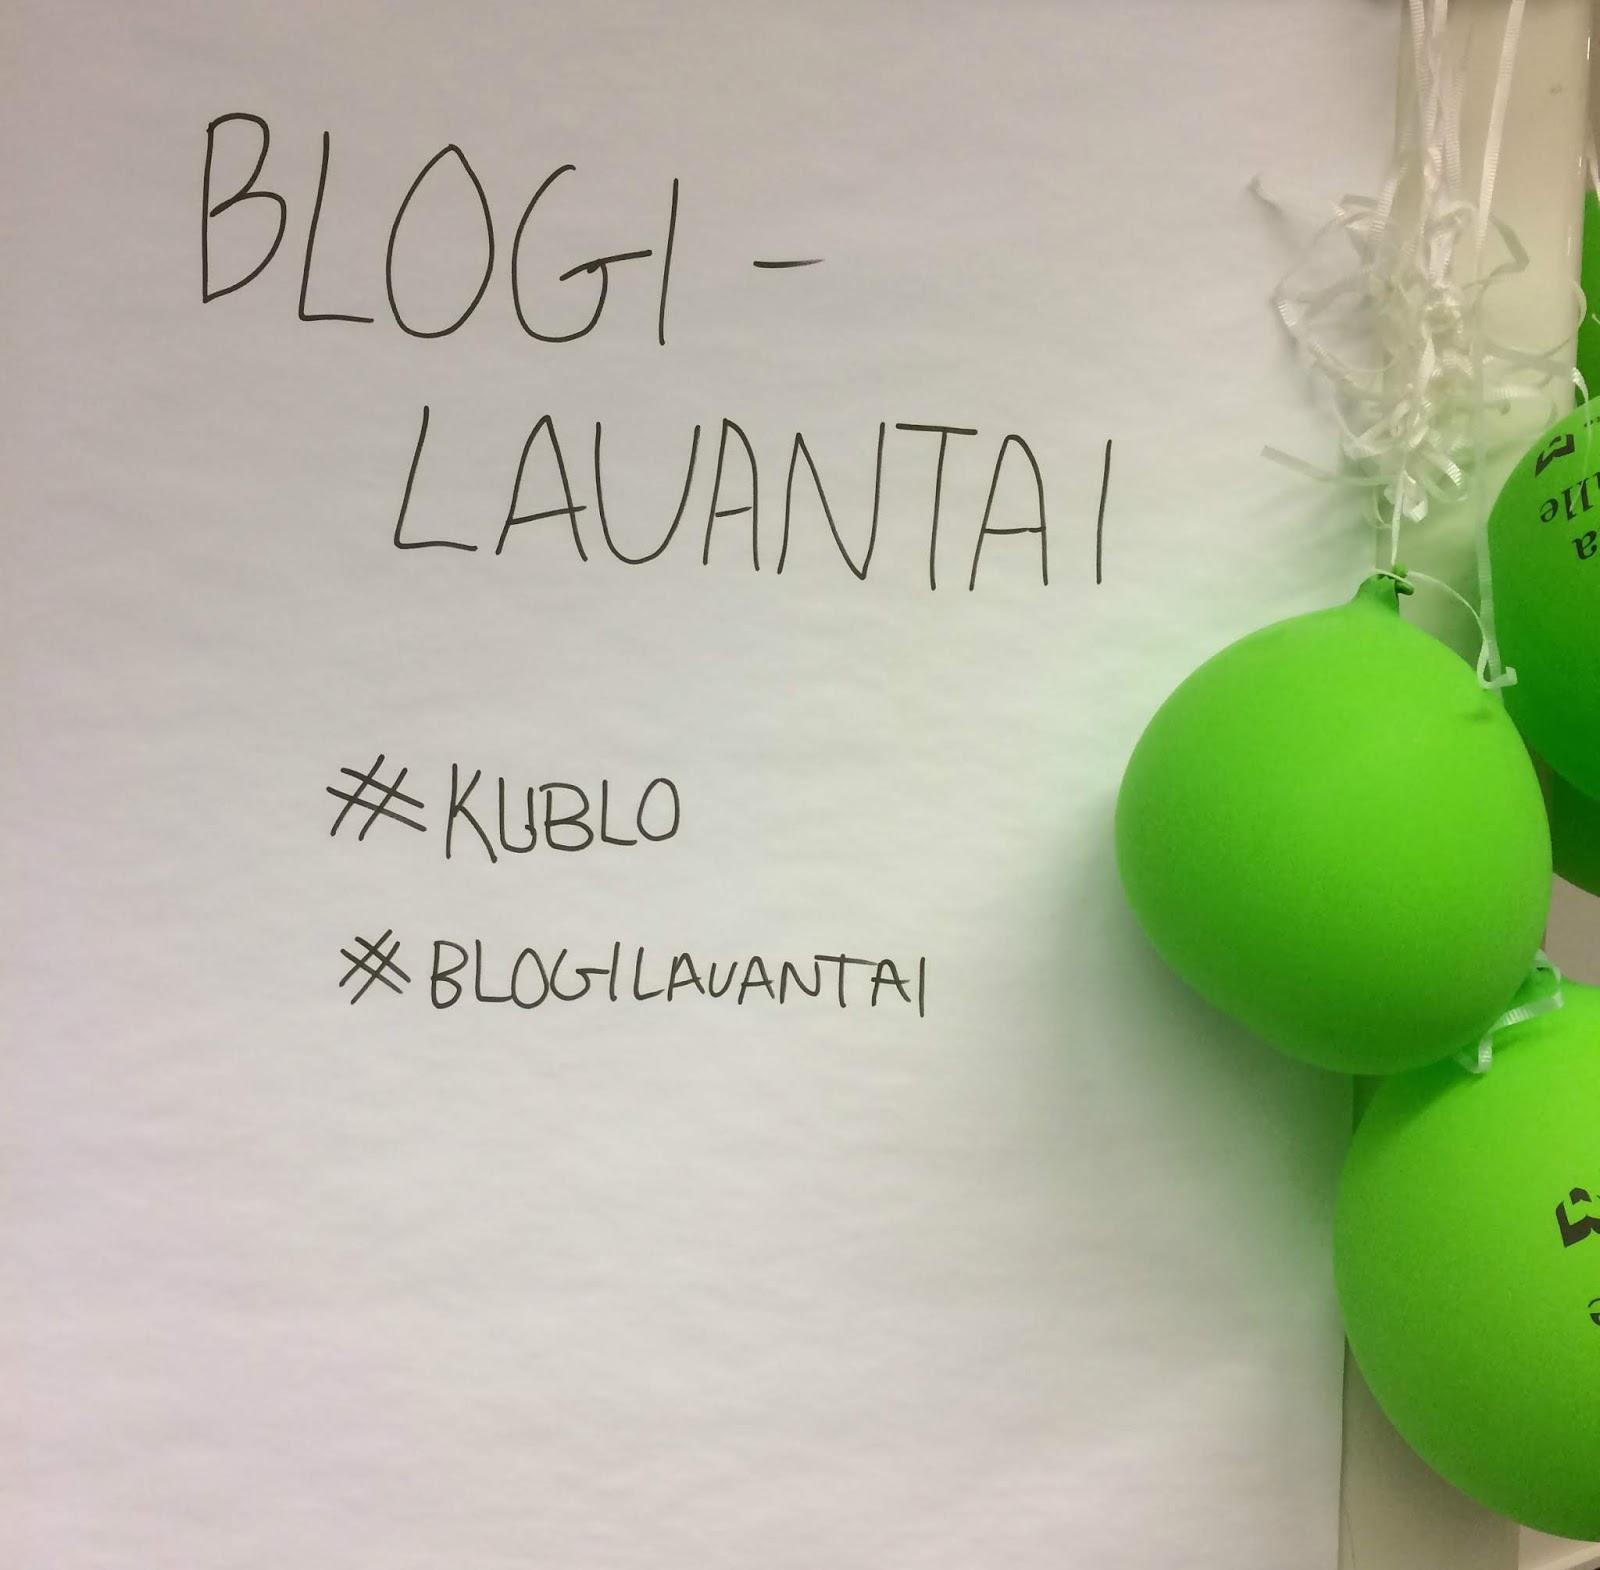 Blogilauantai, blogi, bloggaaminen, Keski-Uudenmaan blogit, KUBLO, Hyvinkään kirjasto